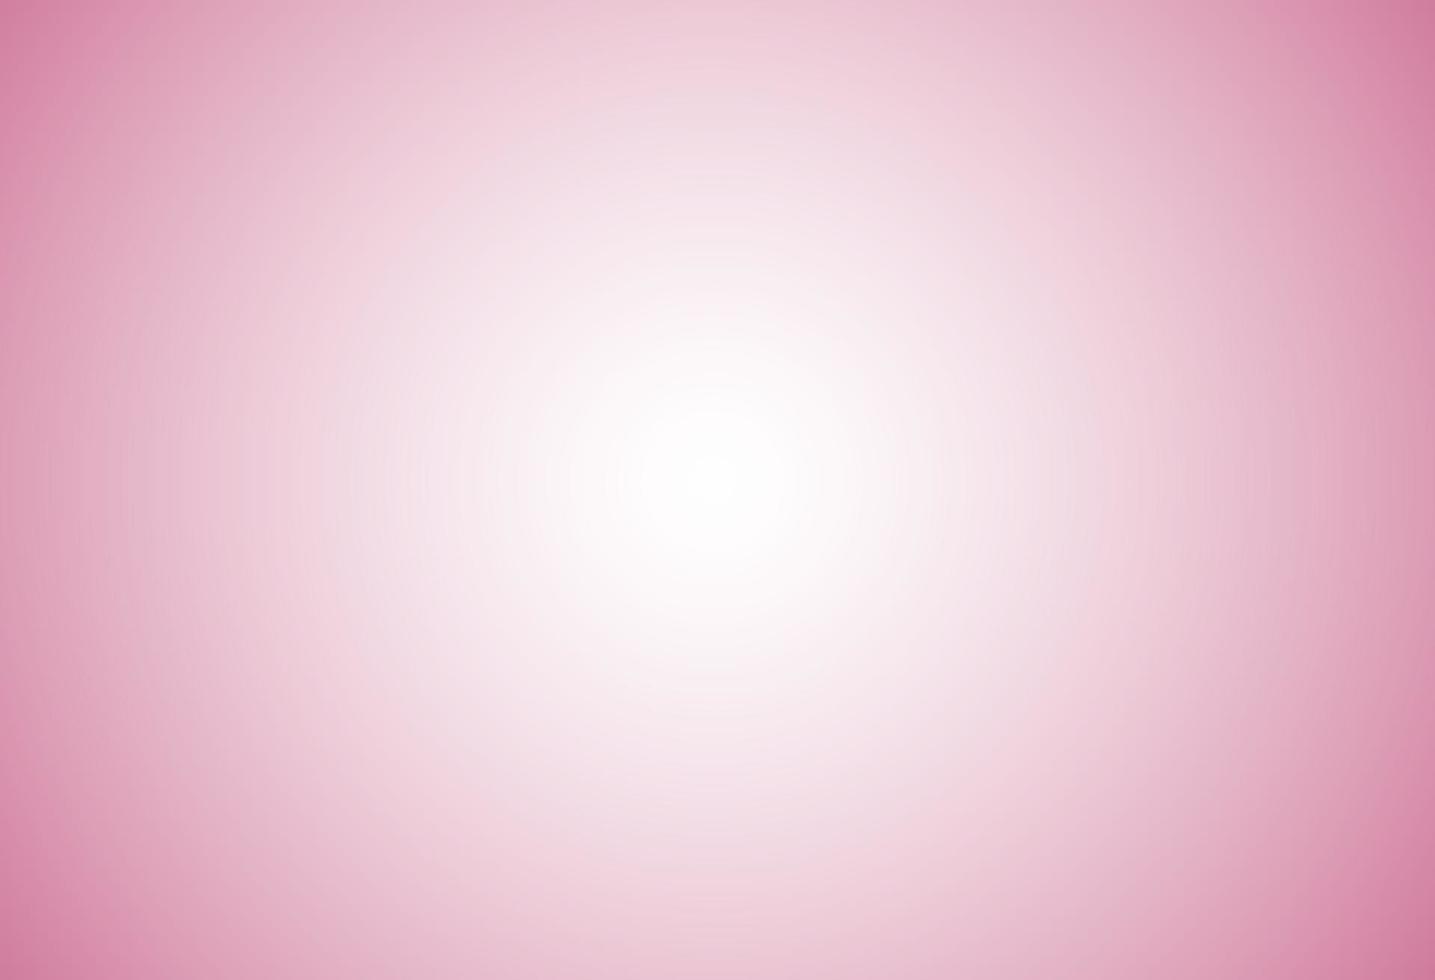 stile sfumato rosa. illustrazione di sfondo astratto vettore